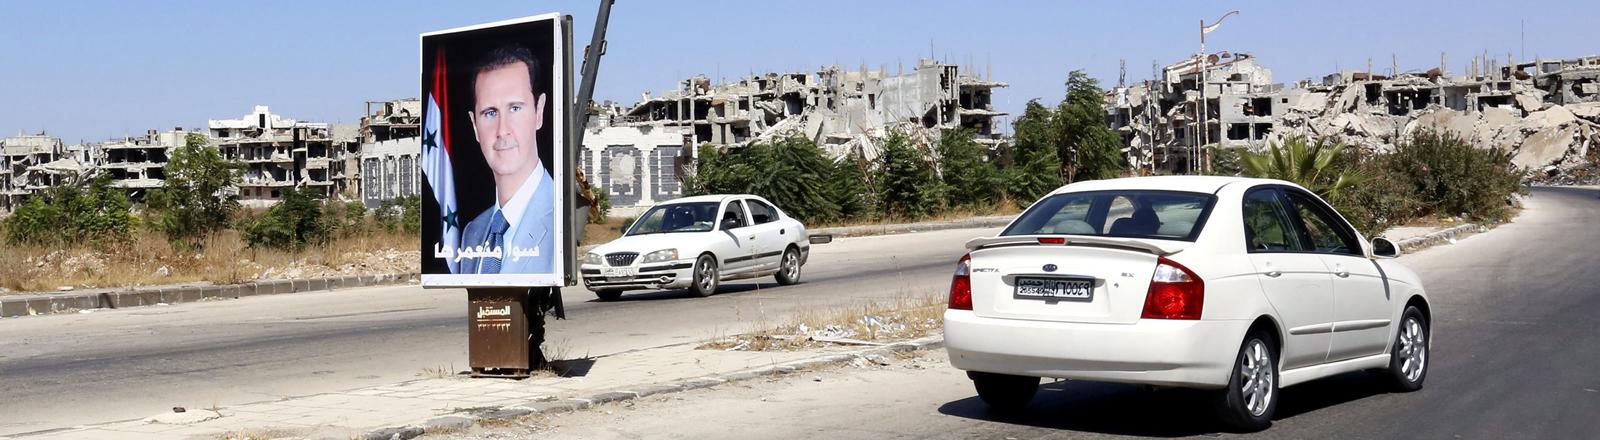 DPA: Assad Poster auf einer Straße im zerbombten Homs.